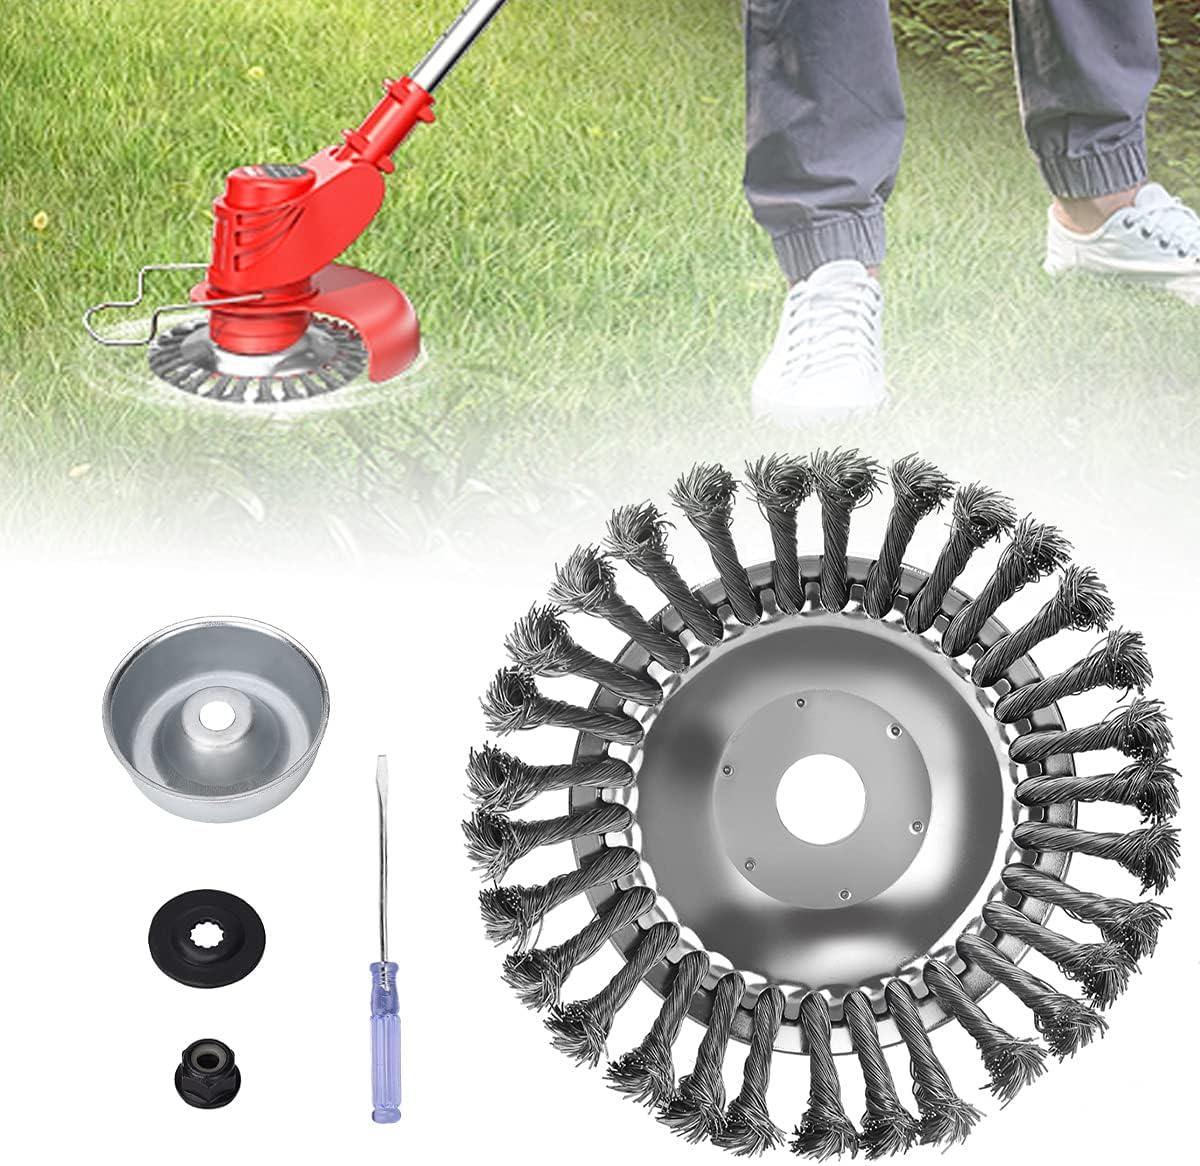 DrRobor Cepillo para Desbrozadora de 200 x 25,4 mm, Cabezal de Cepillo Alambre para Jardín, Camino de Ladrillos, Juntas de Pavimento